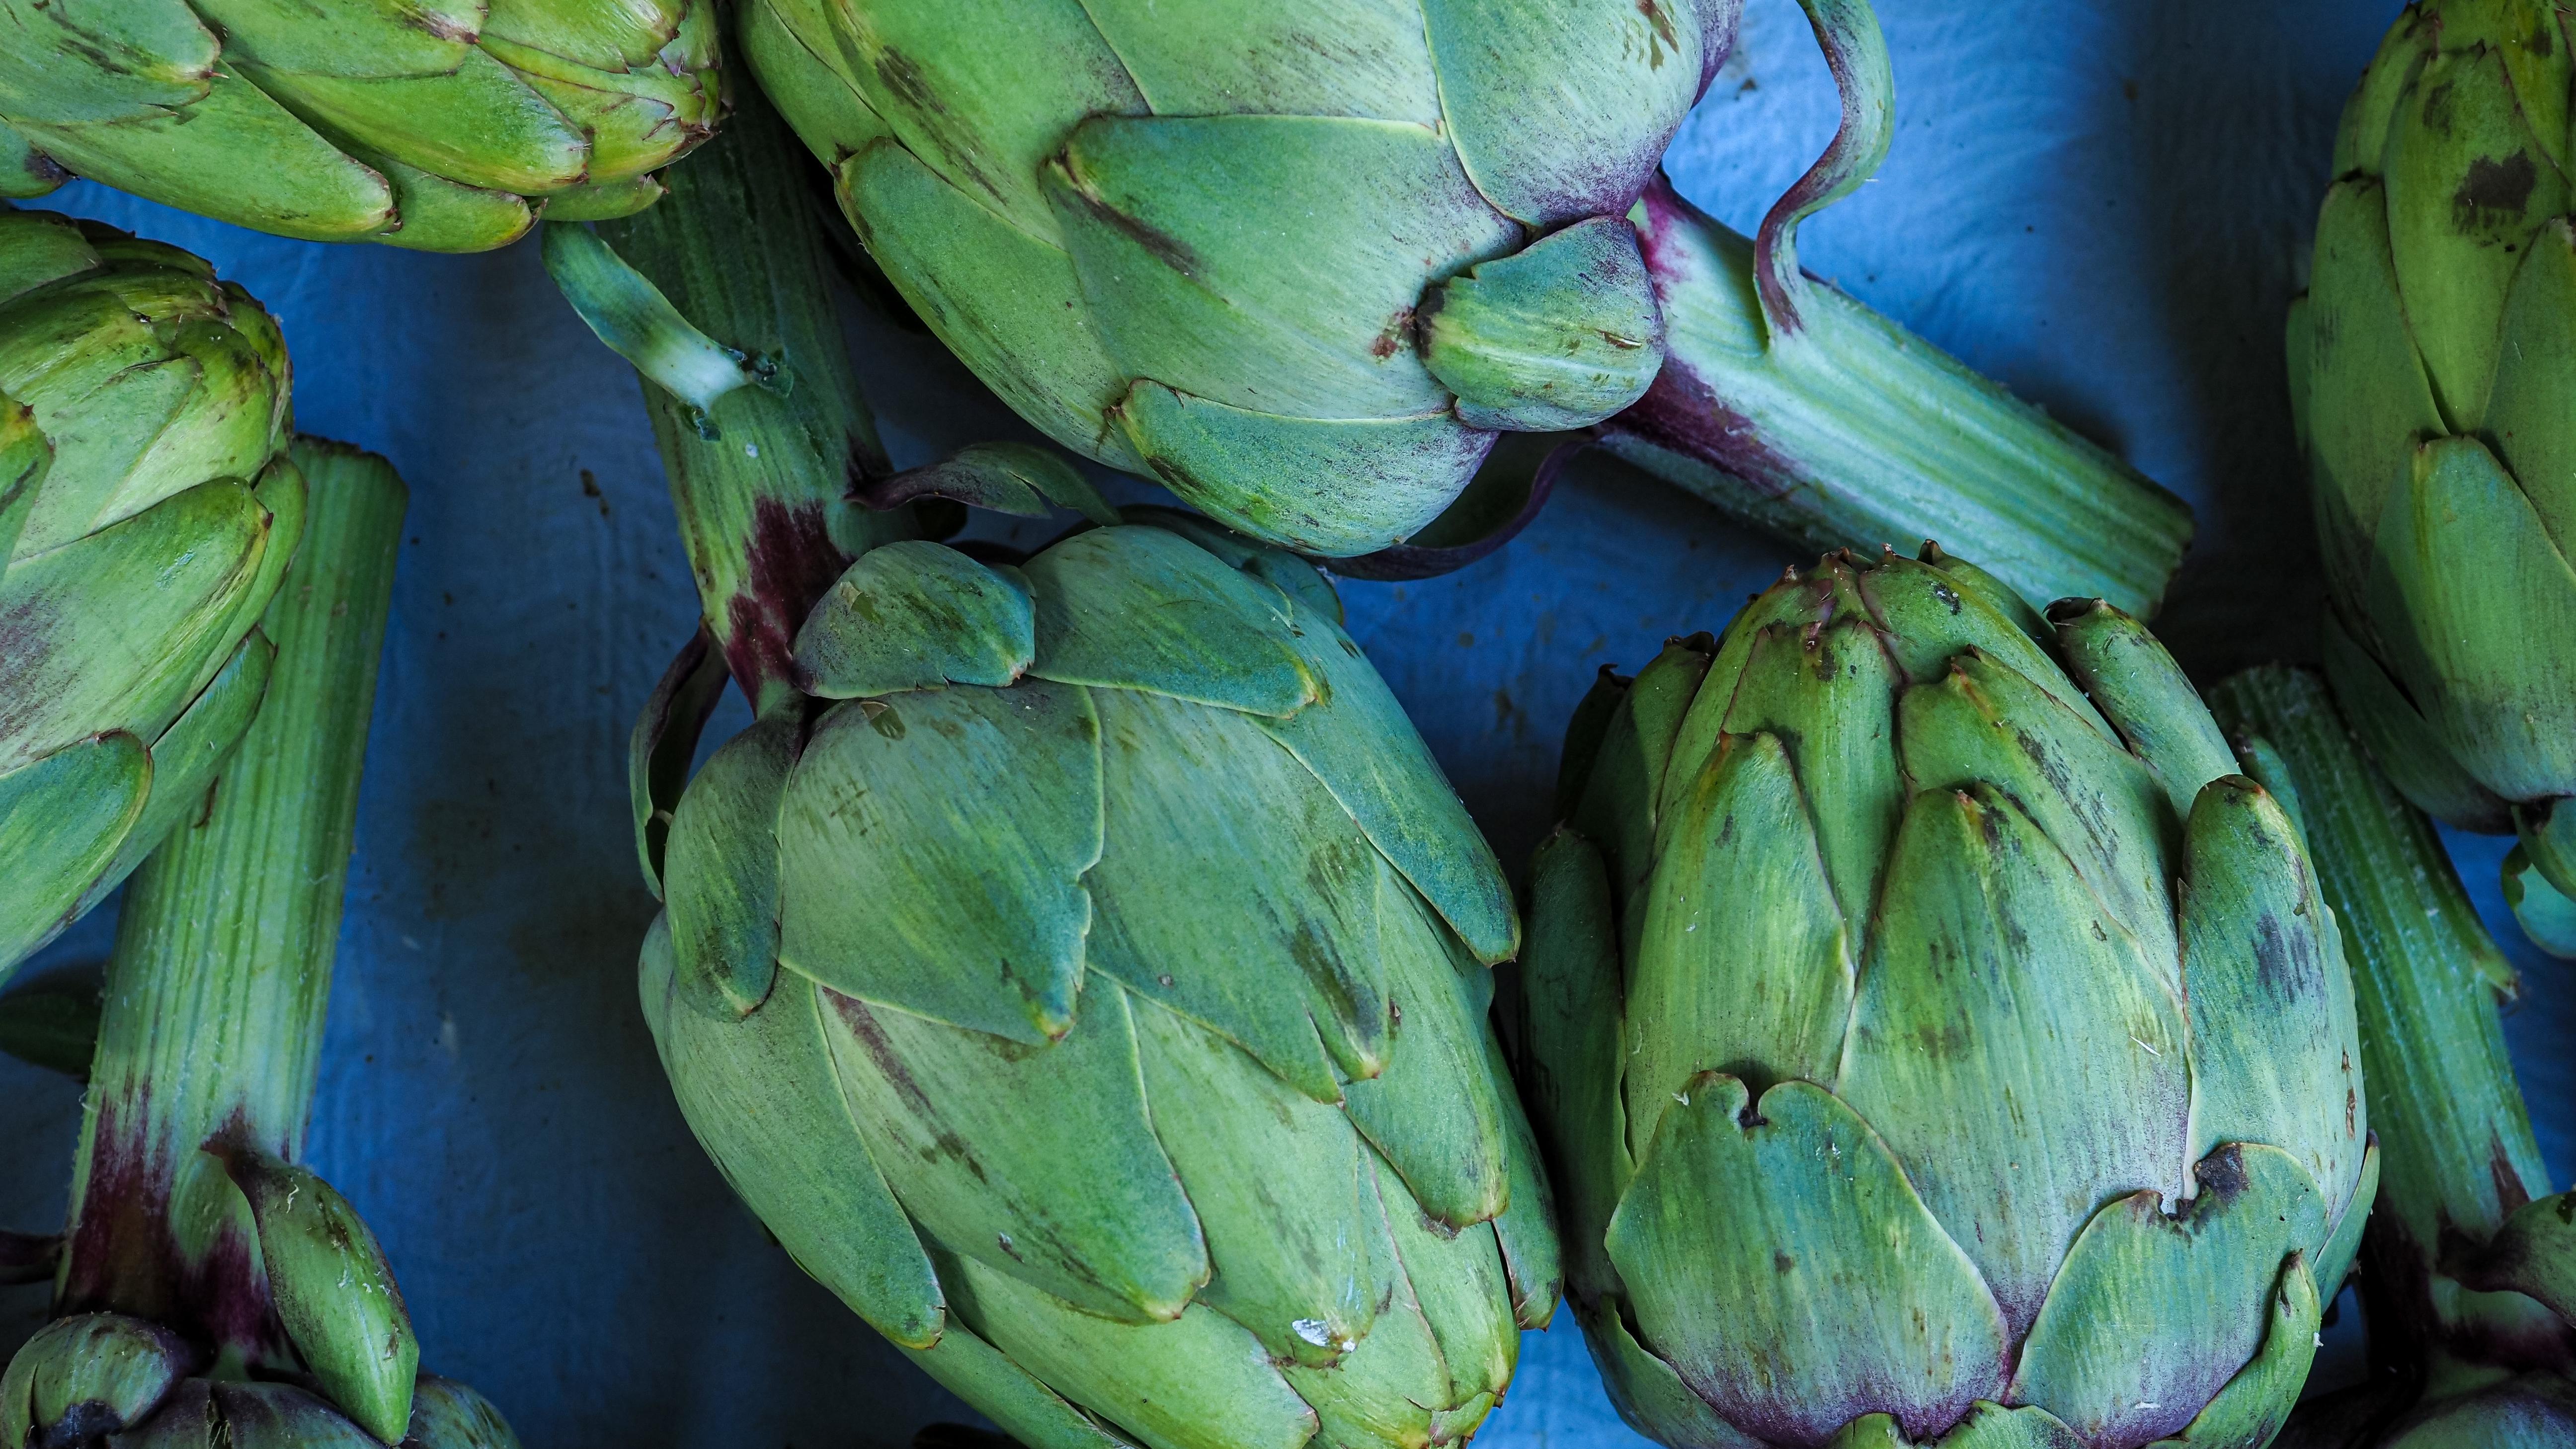 Artischockenherzen kochen: Tipps und Tricks zur Zubereitung